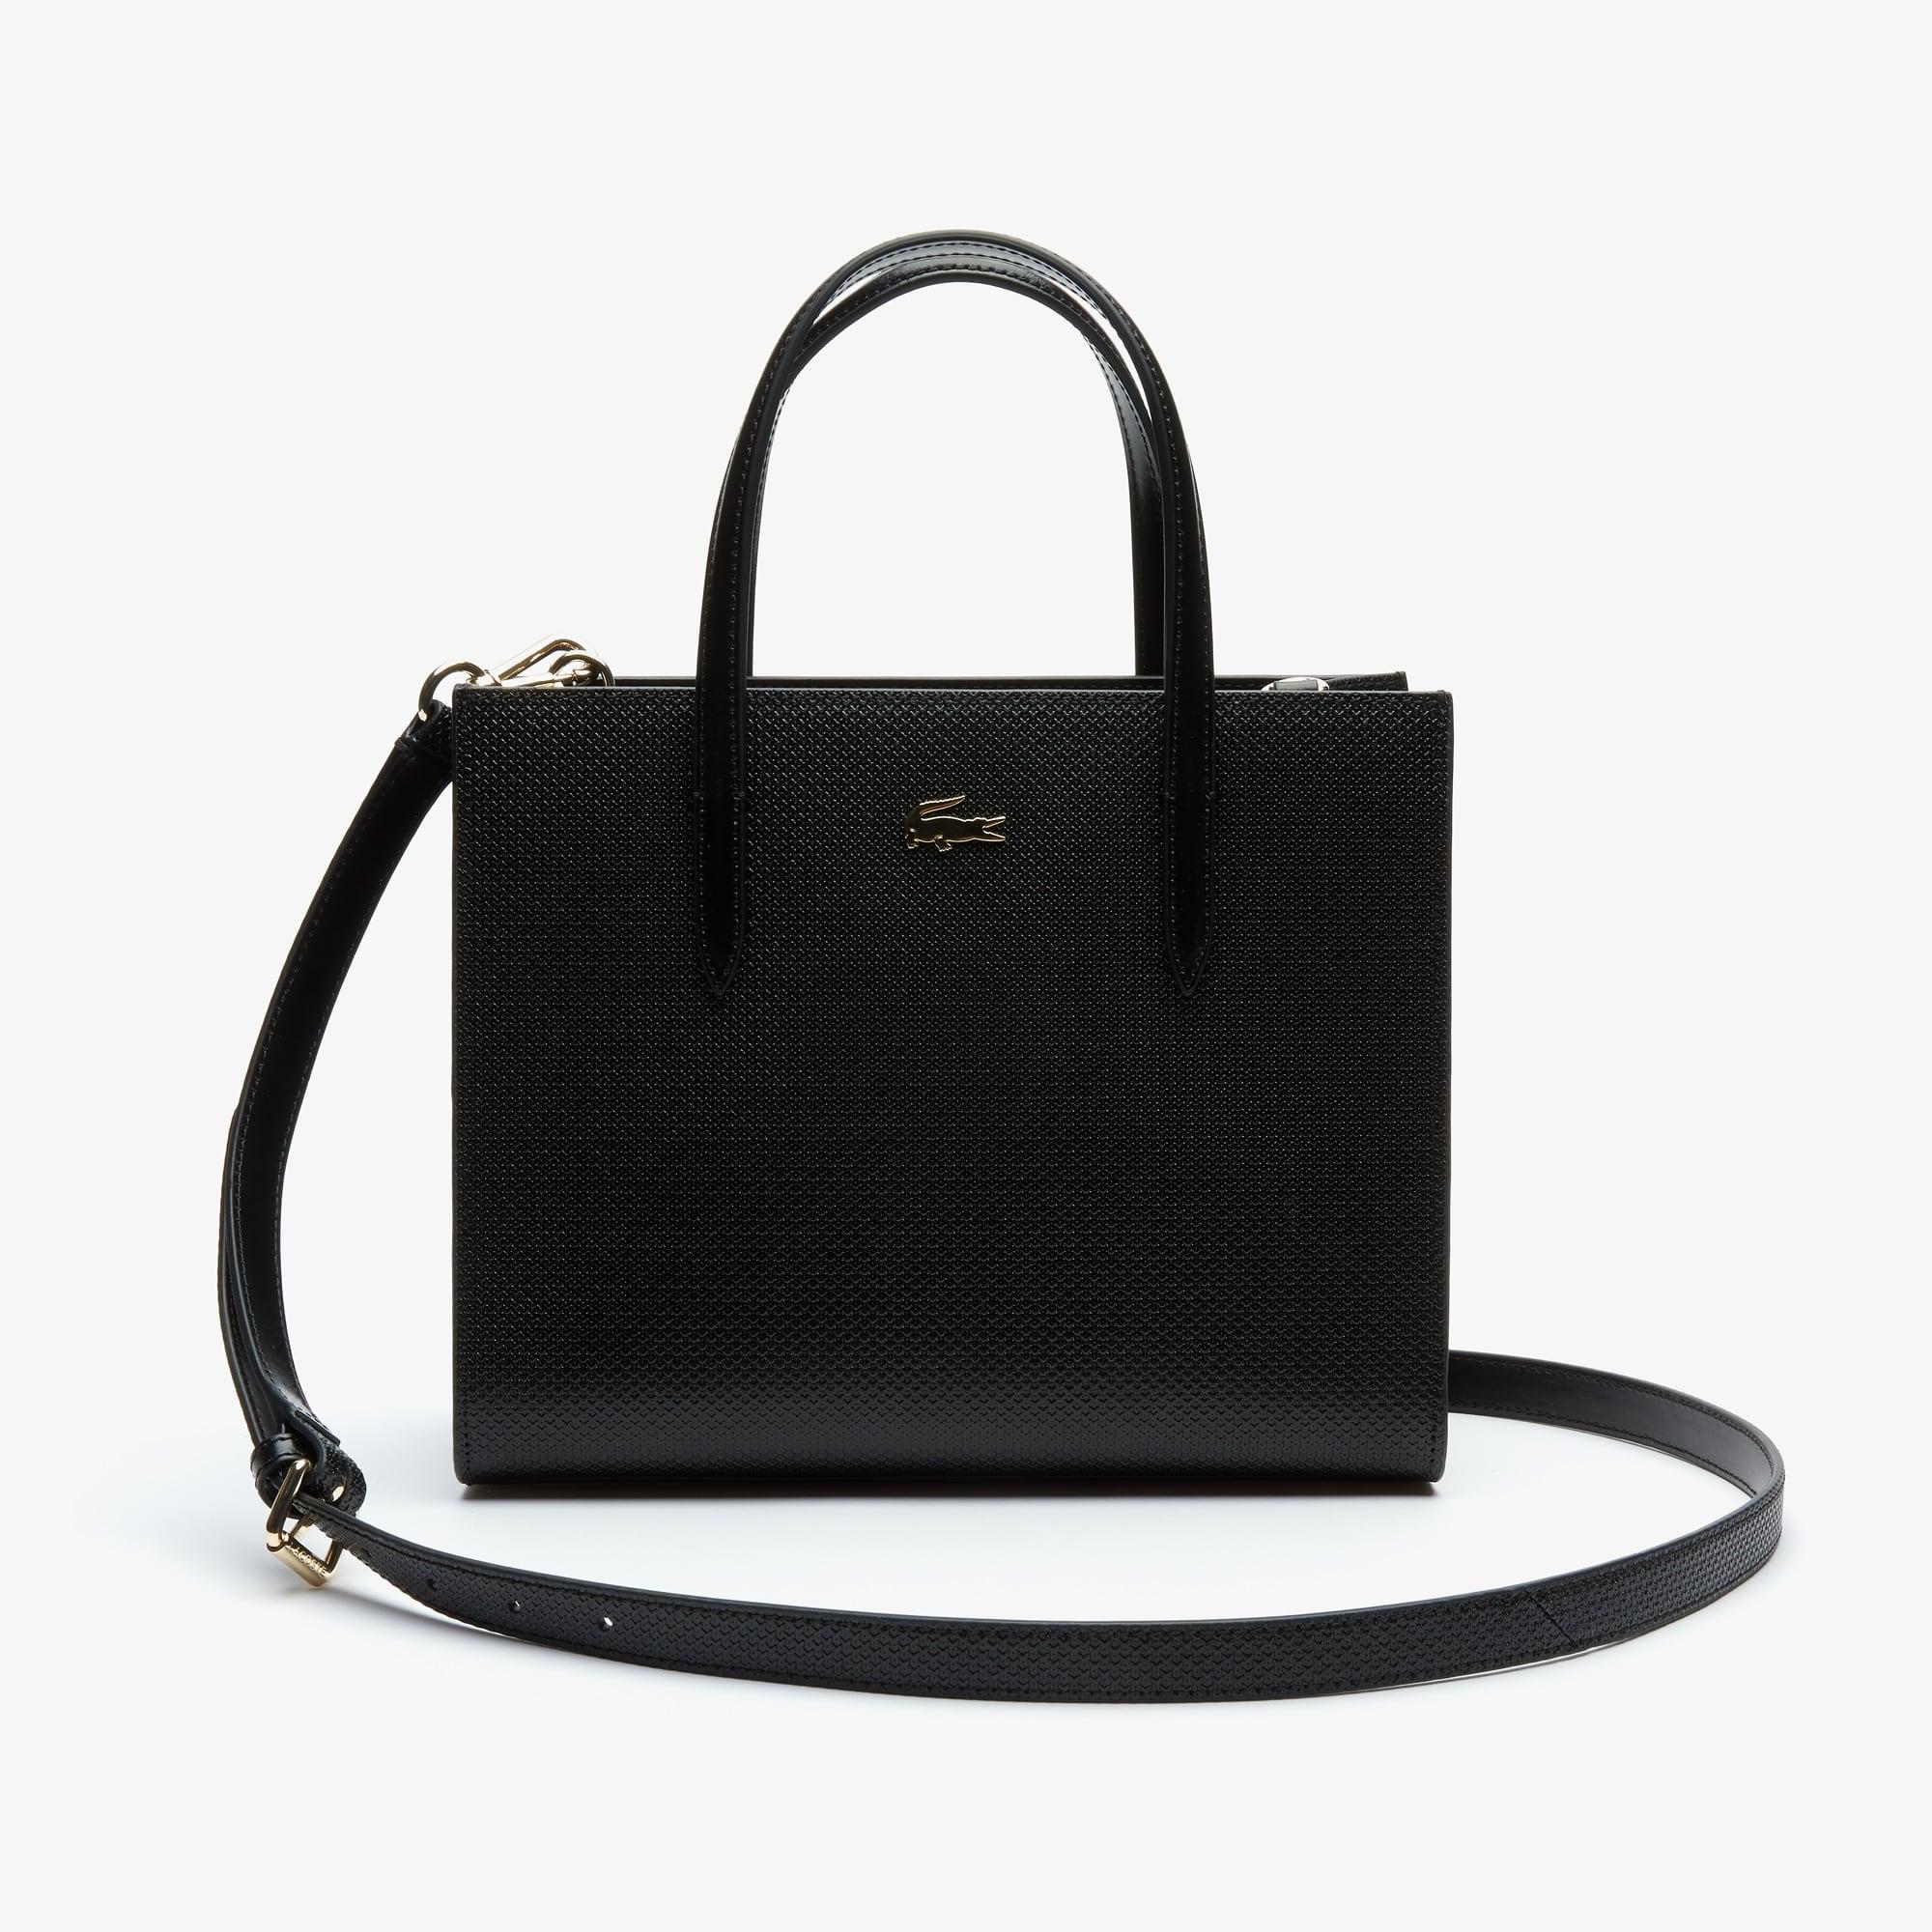 Damen CHANTACO Tote Bag aus Piqué-Leder